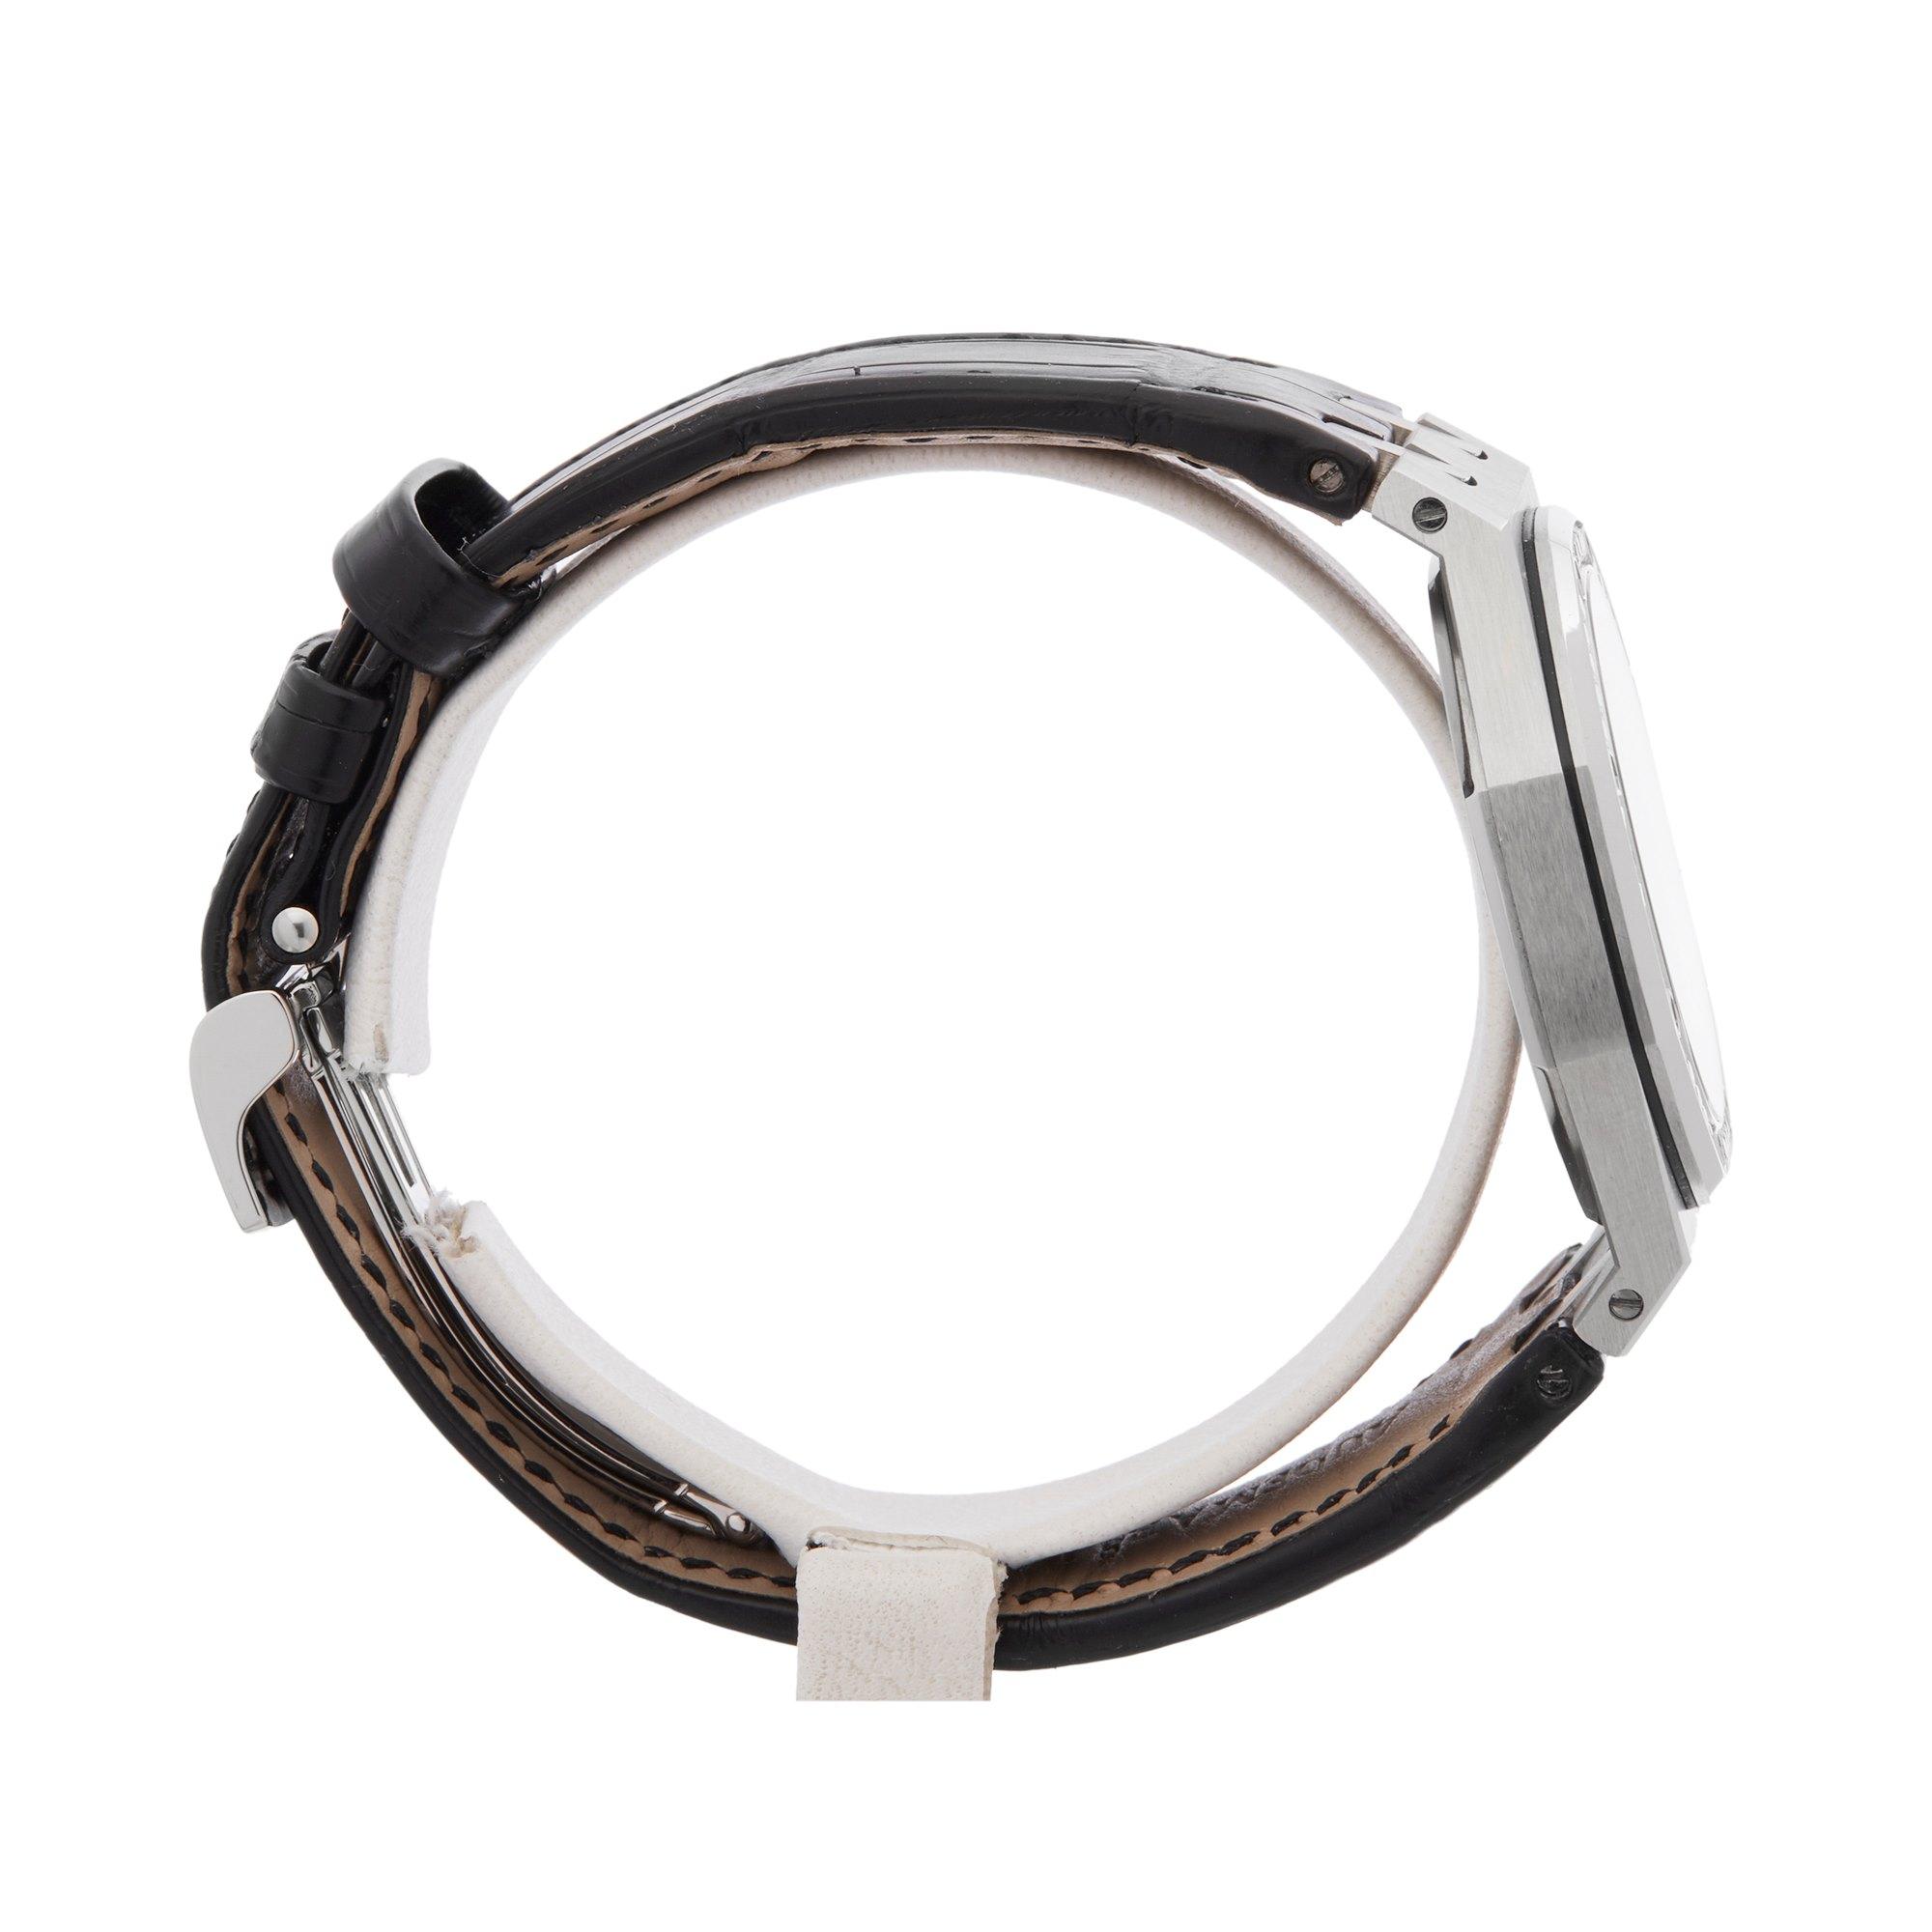 Audemars Piguet Royal Oak Diamond Stainless Steel 67651ST.ZZ.D002CR.01